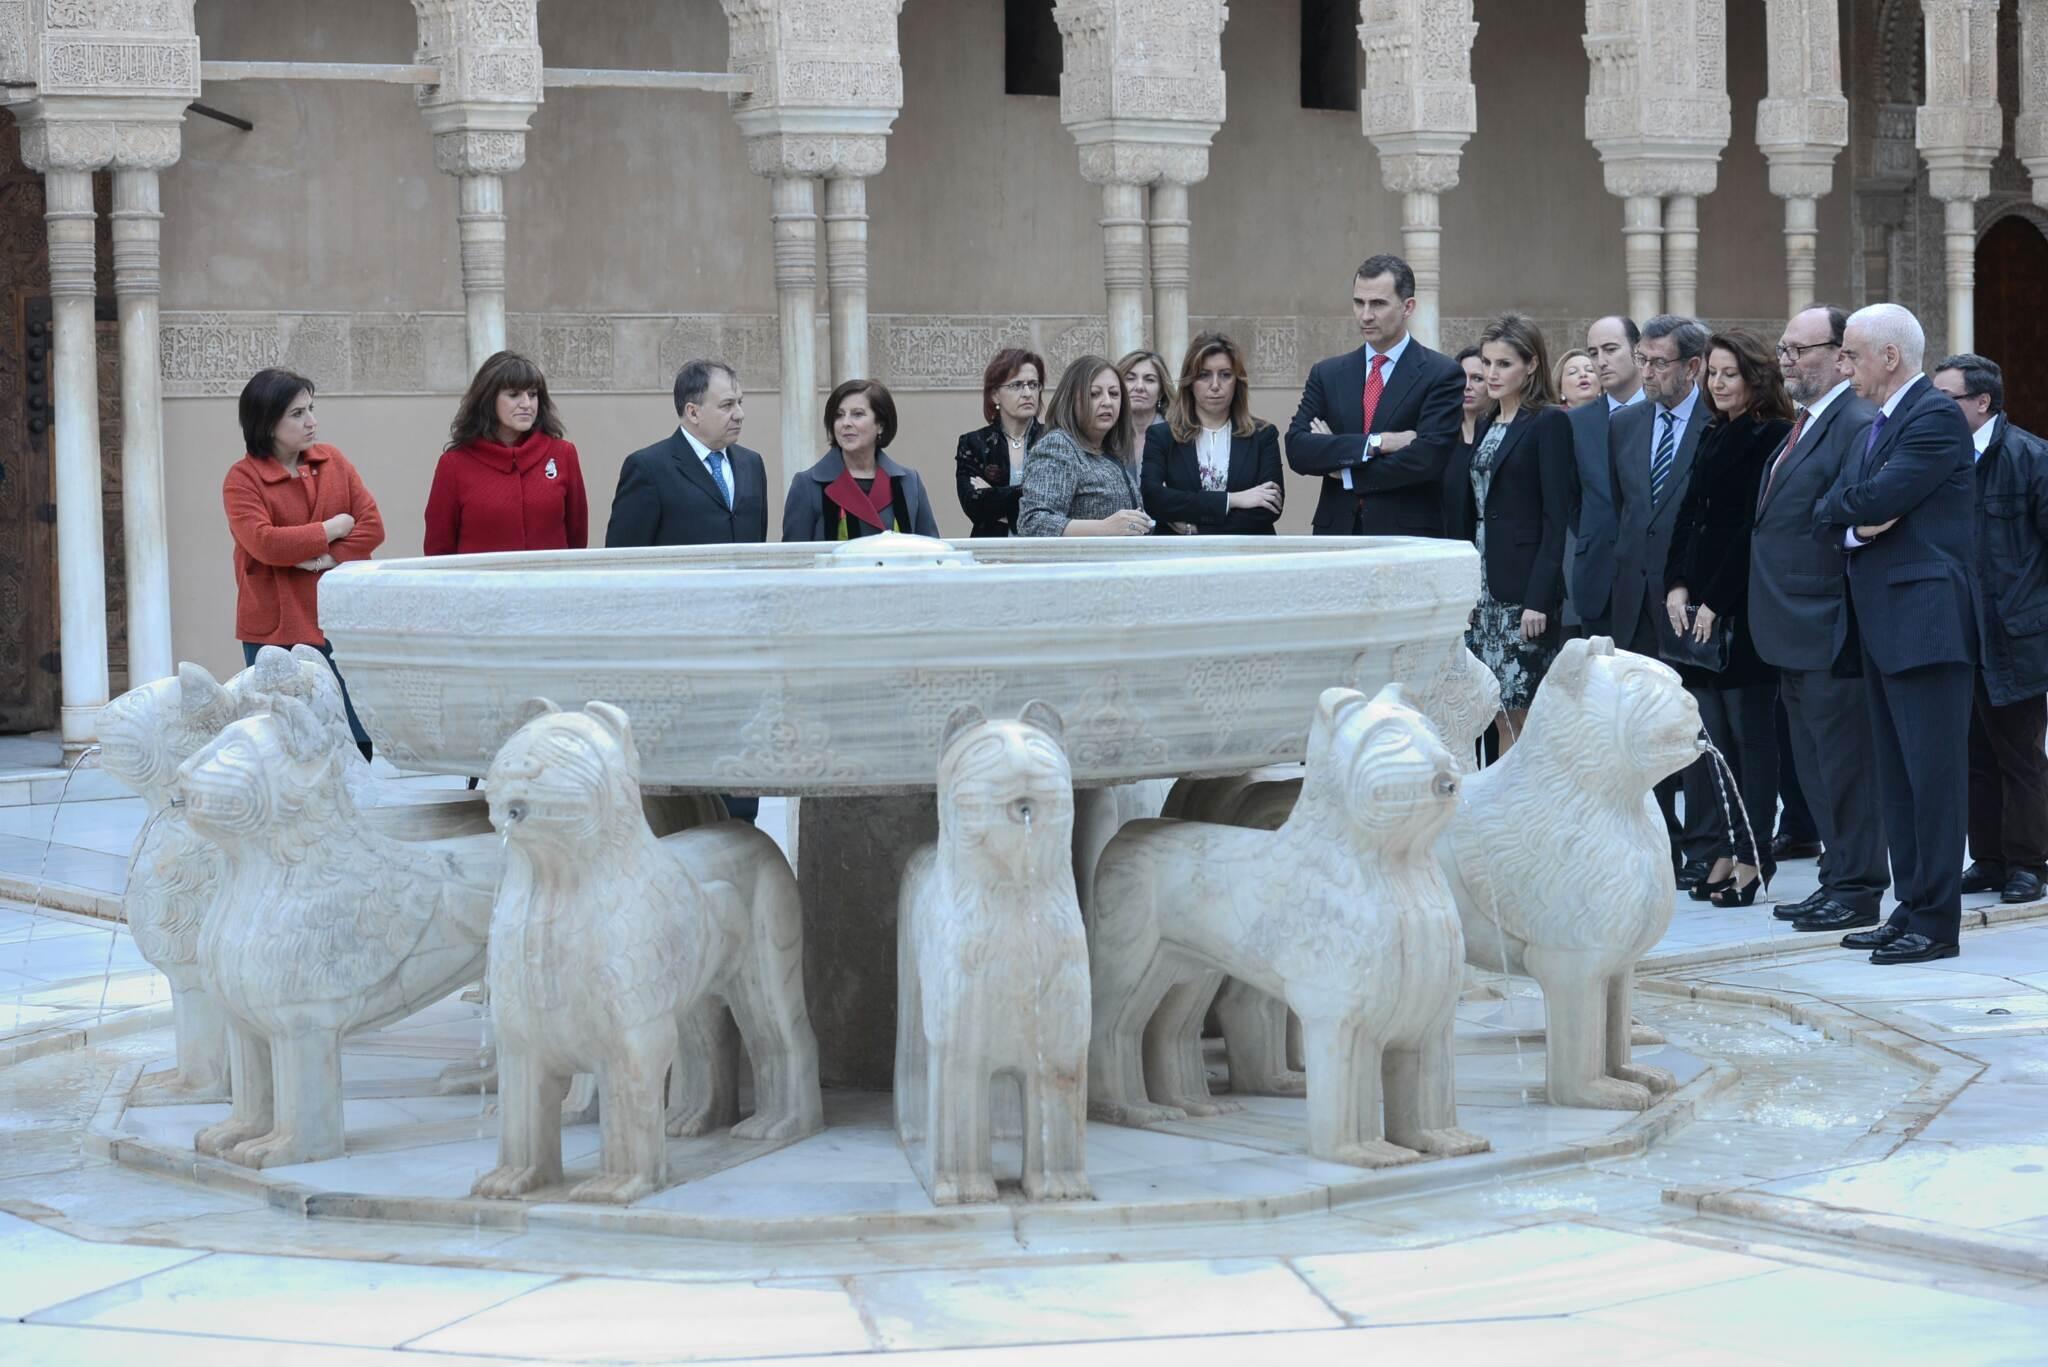 Los Príncipes de Asturias, emocionados tras visitar la Alhambra